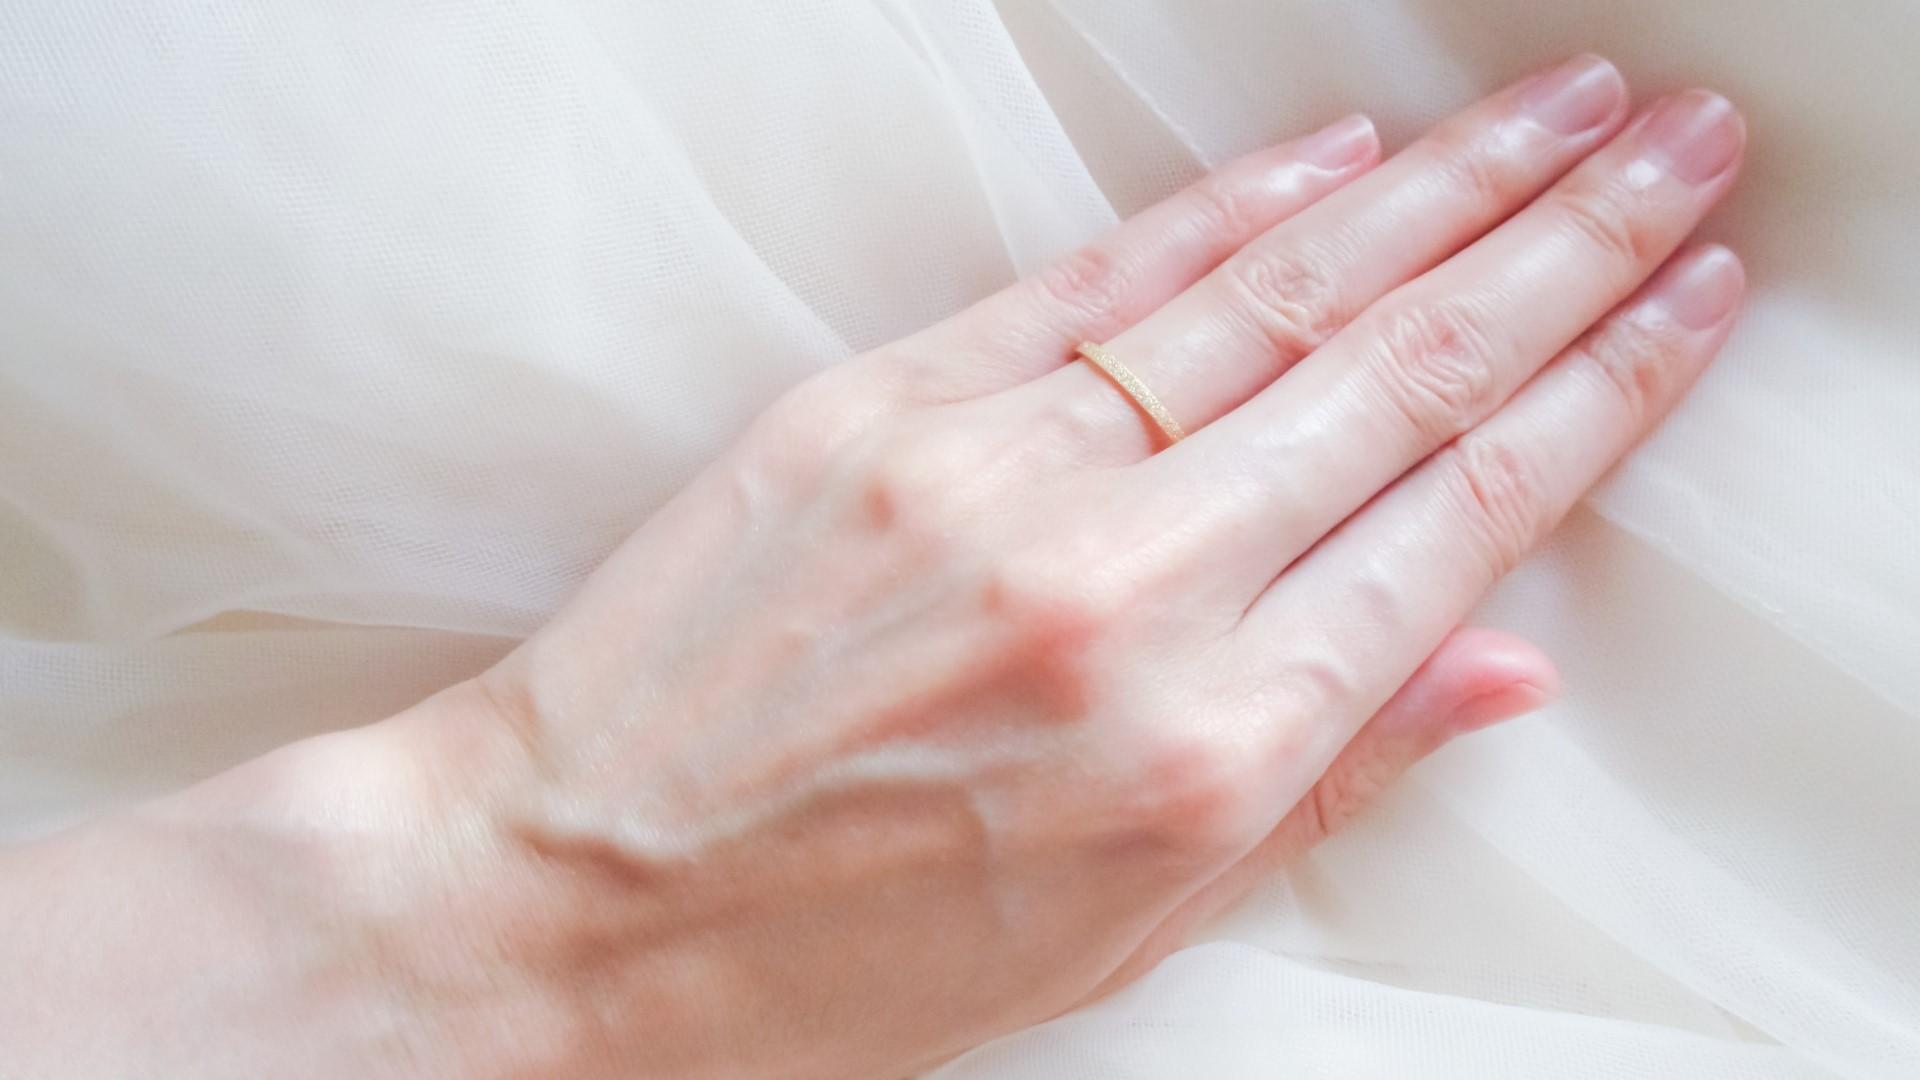 アルコール 手洗い 指輪